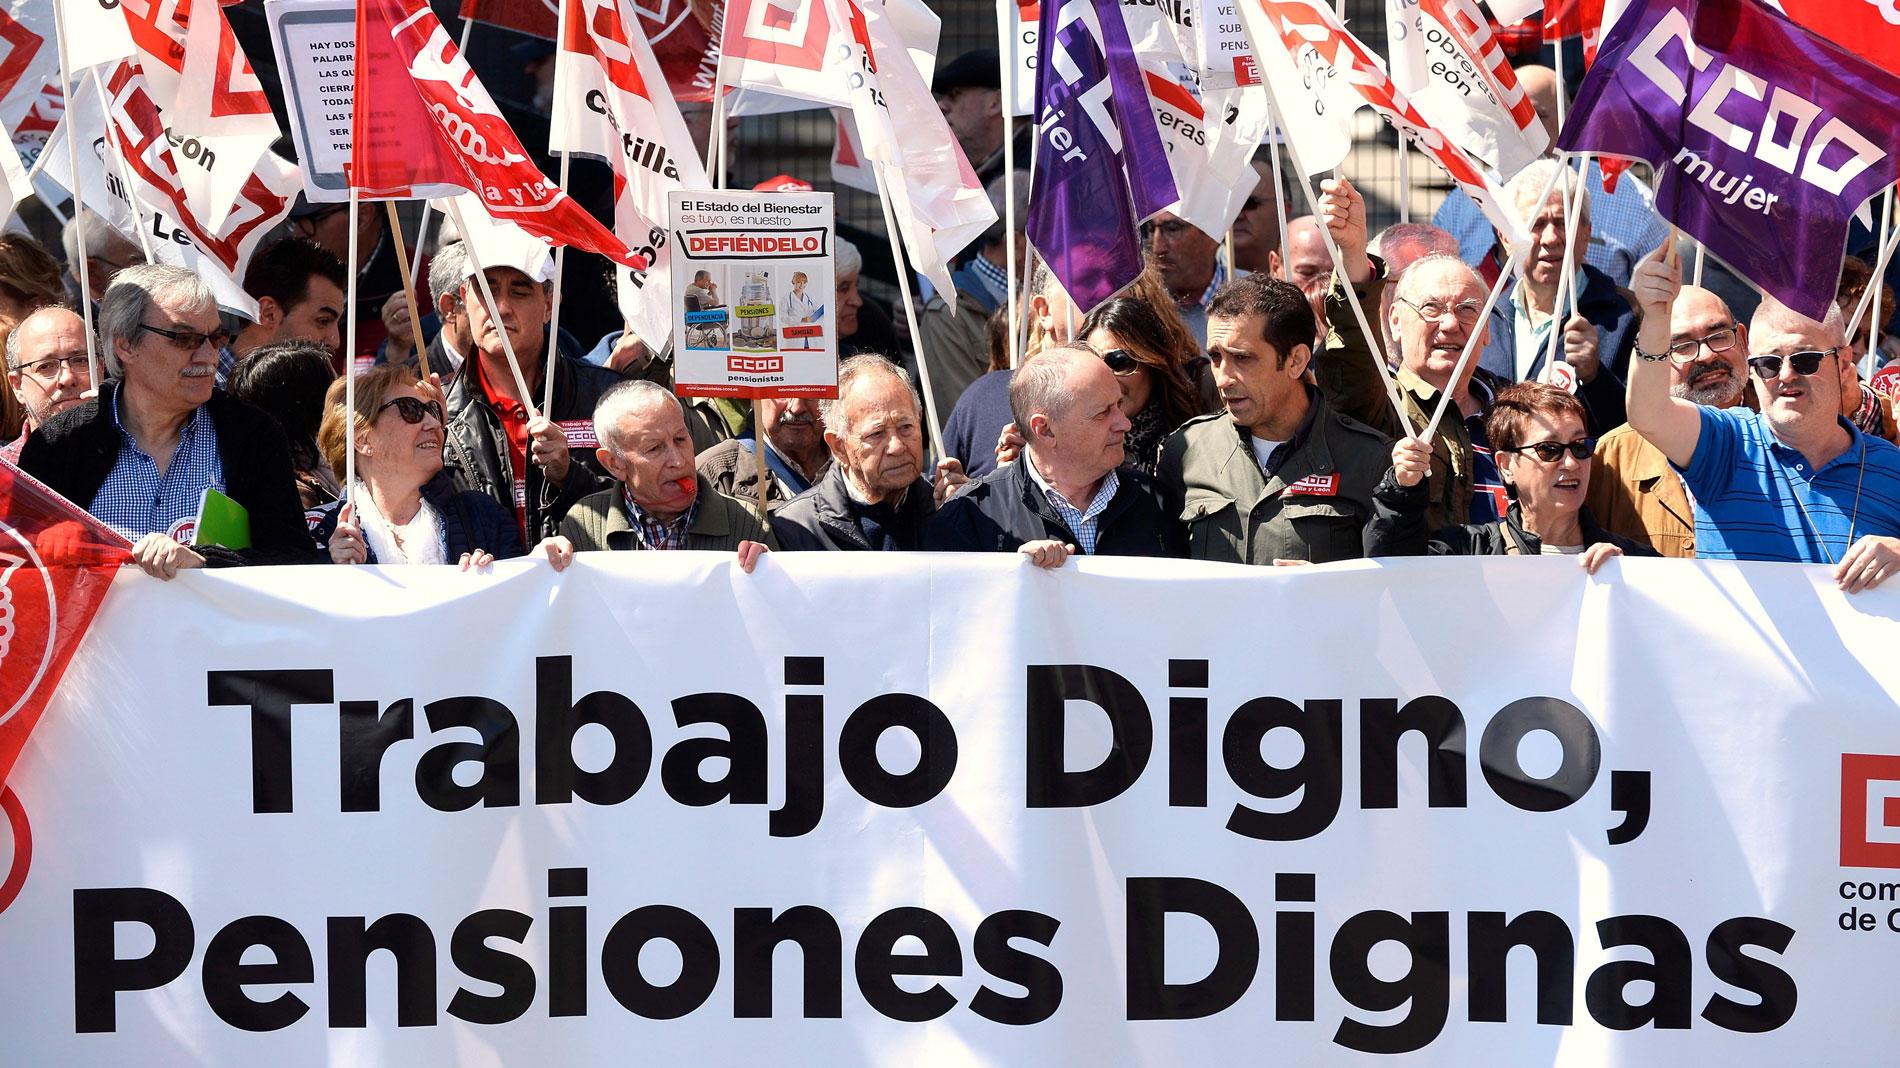 Ir al VideoLos pensionistas vuelven a manifestarse para que se derogue la última reforma de 2013